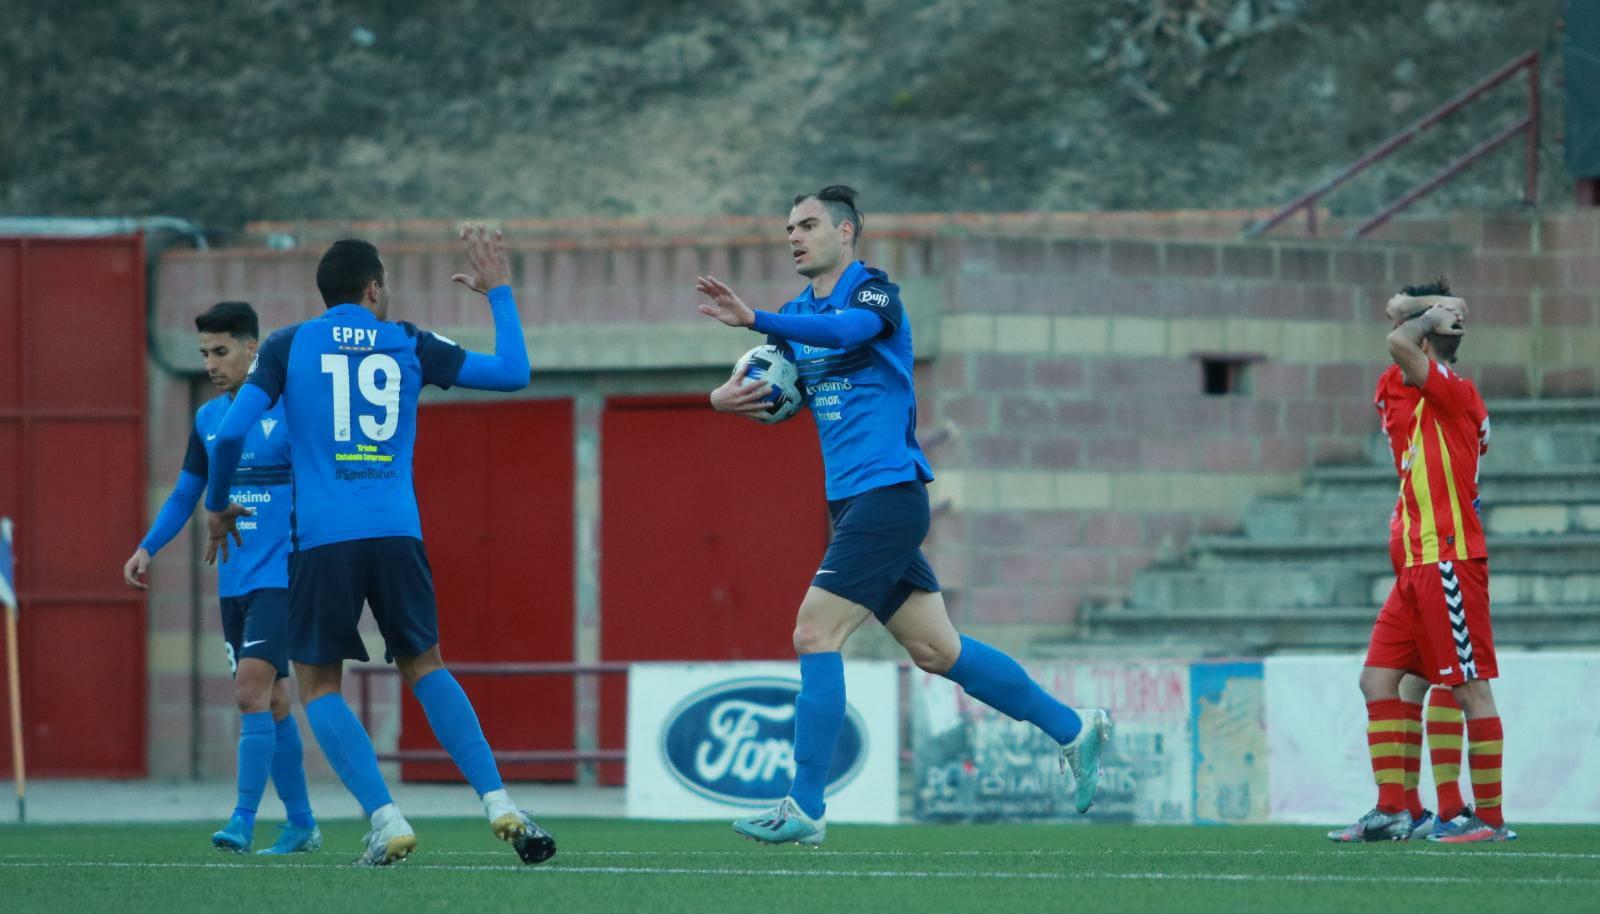 CF IGUALADA 1-1 FC VILAFRANCA